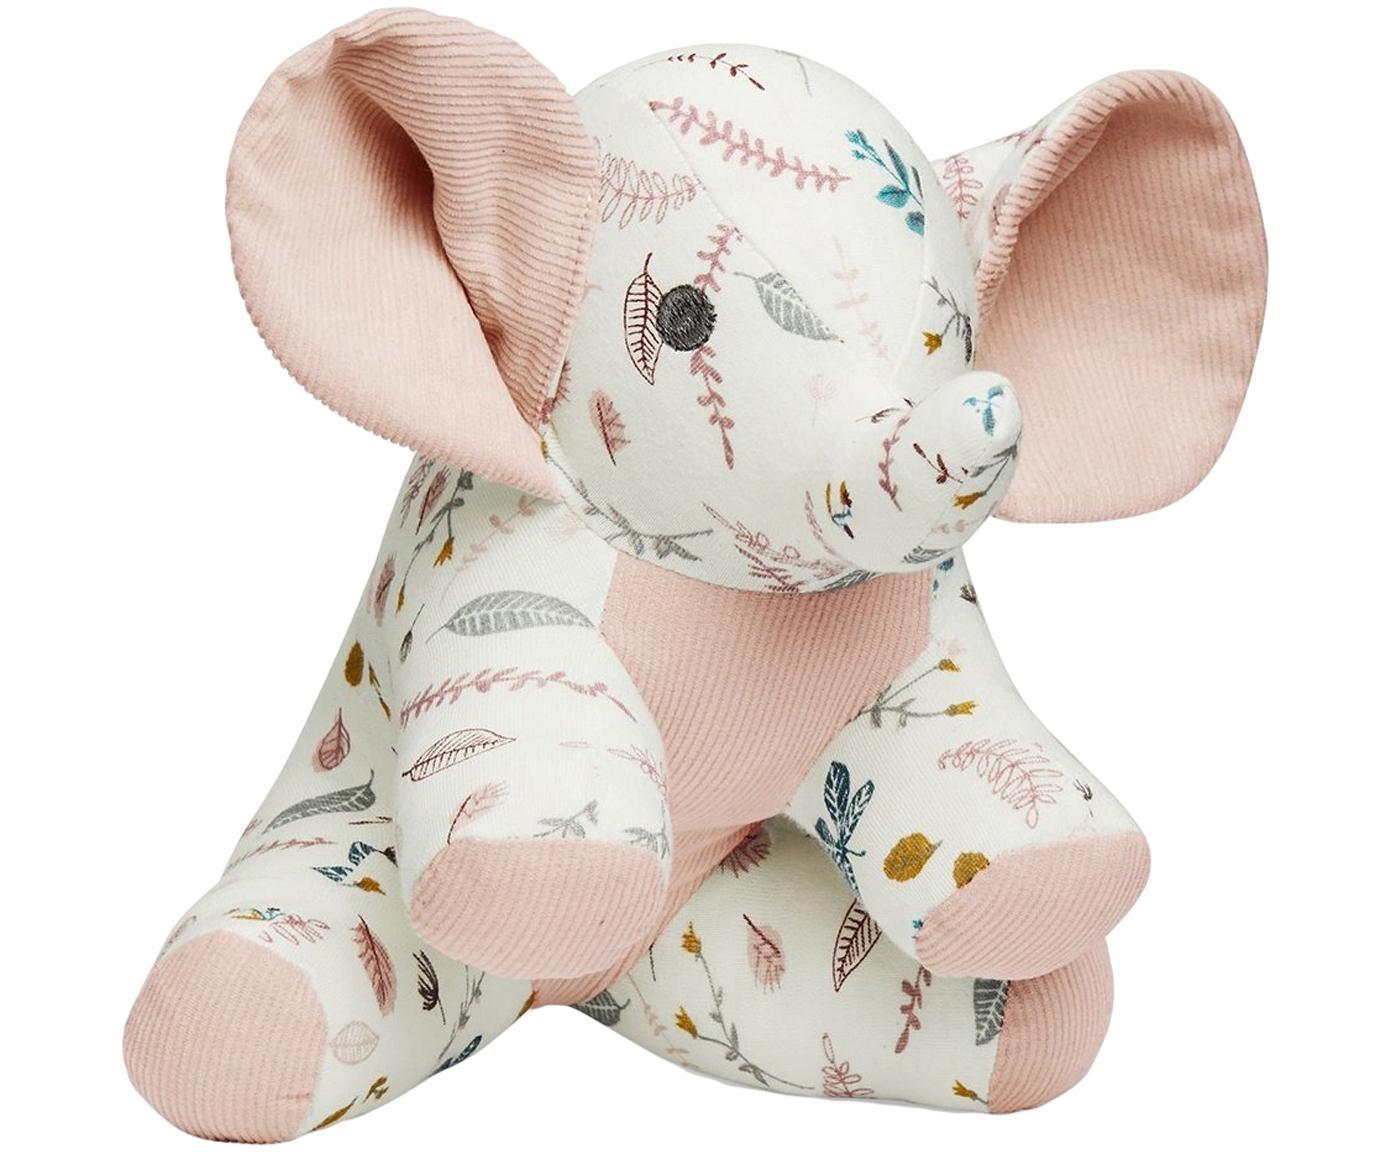 Kuscheltier Elephant aus Bio-Baumwolle, Bezug: Bio-Baumwolle, OCS-zertif, Weiss, Rosatöne, Gelb, 20 x 21 cm